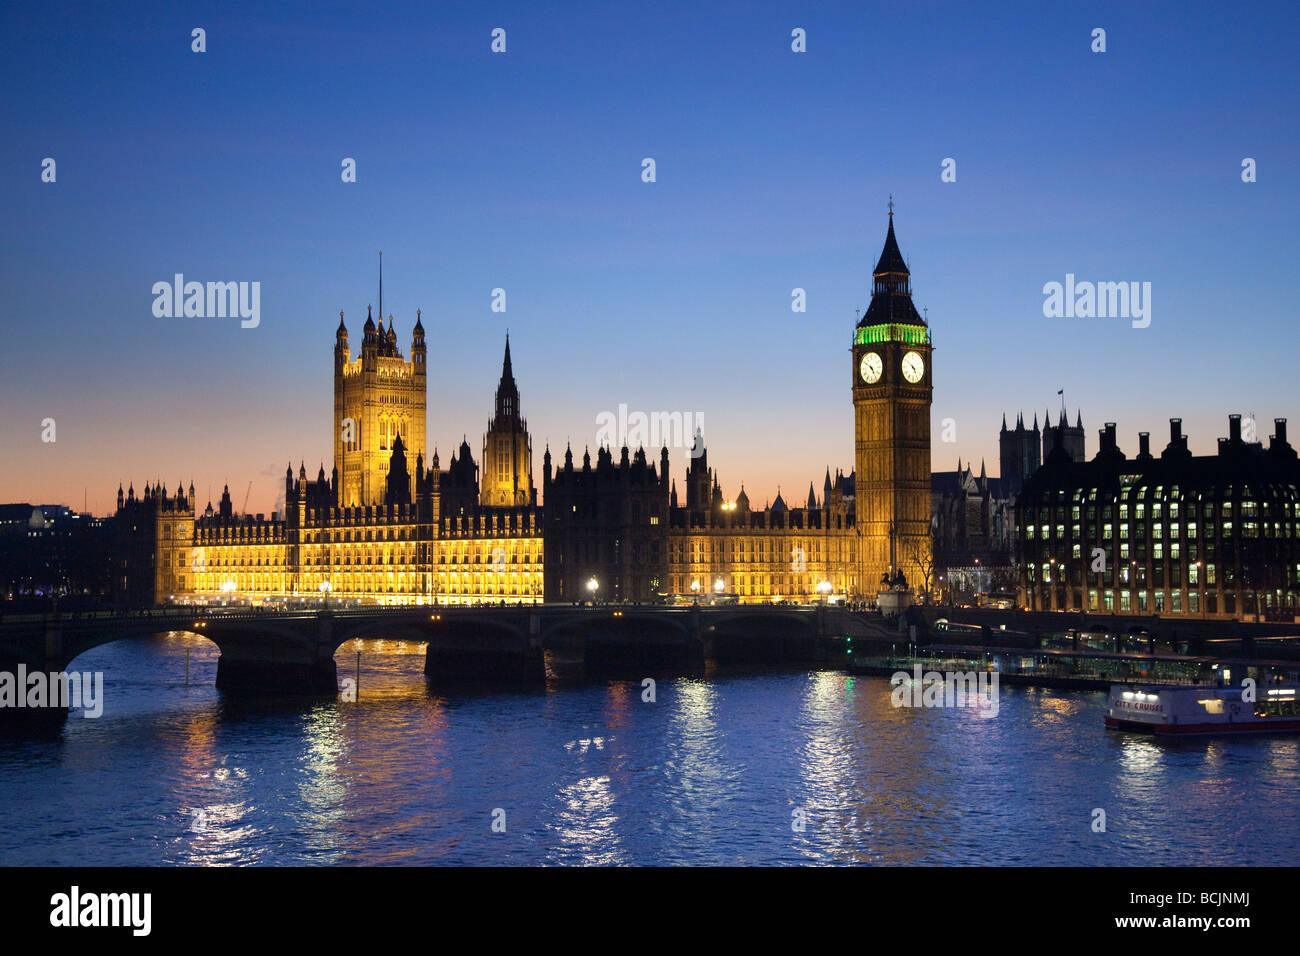 El Big Ben y las Casas del Parlamento, Londres, Inglaterra Imagen De Stock